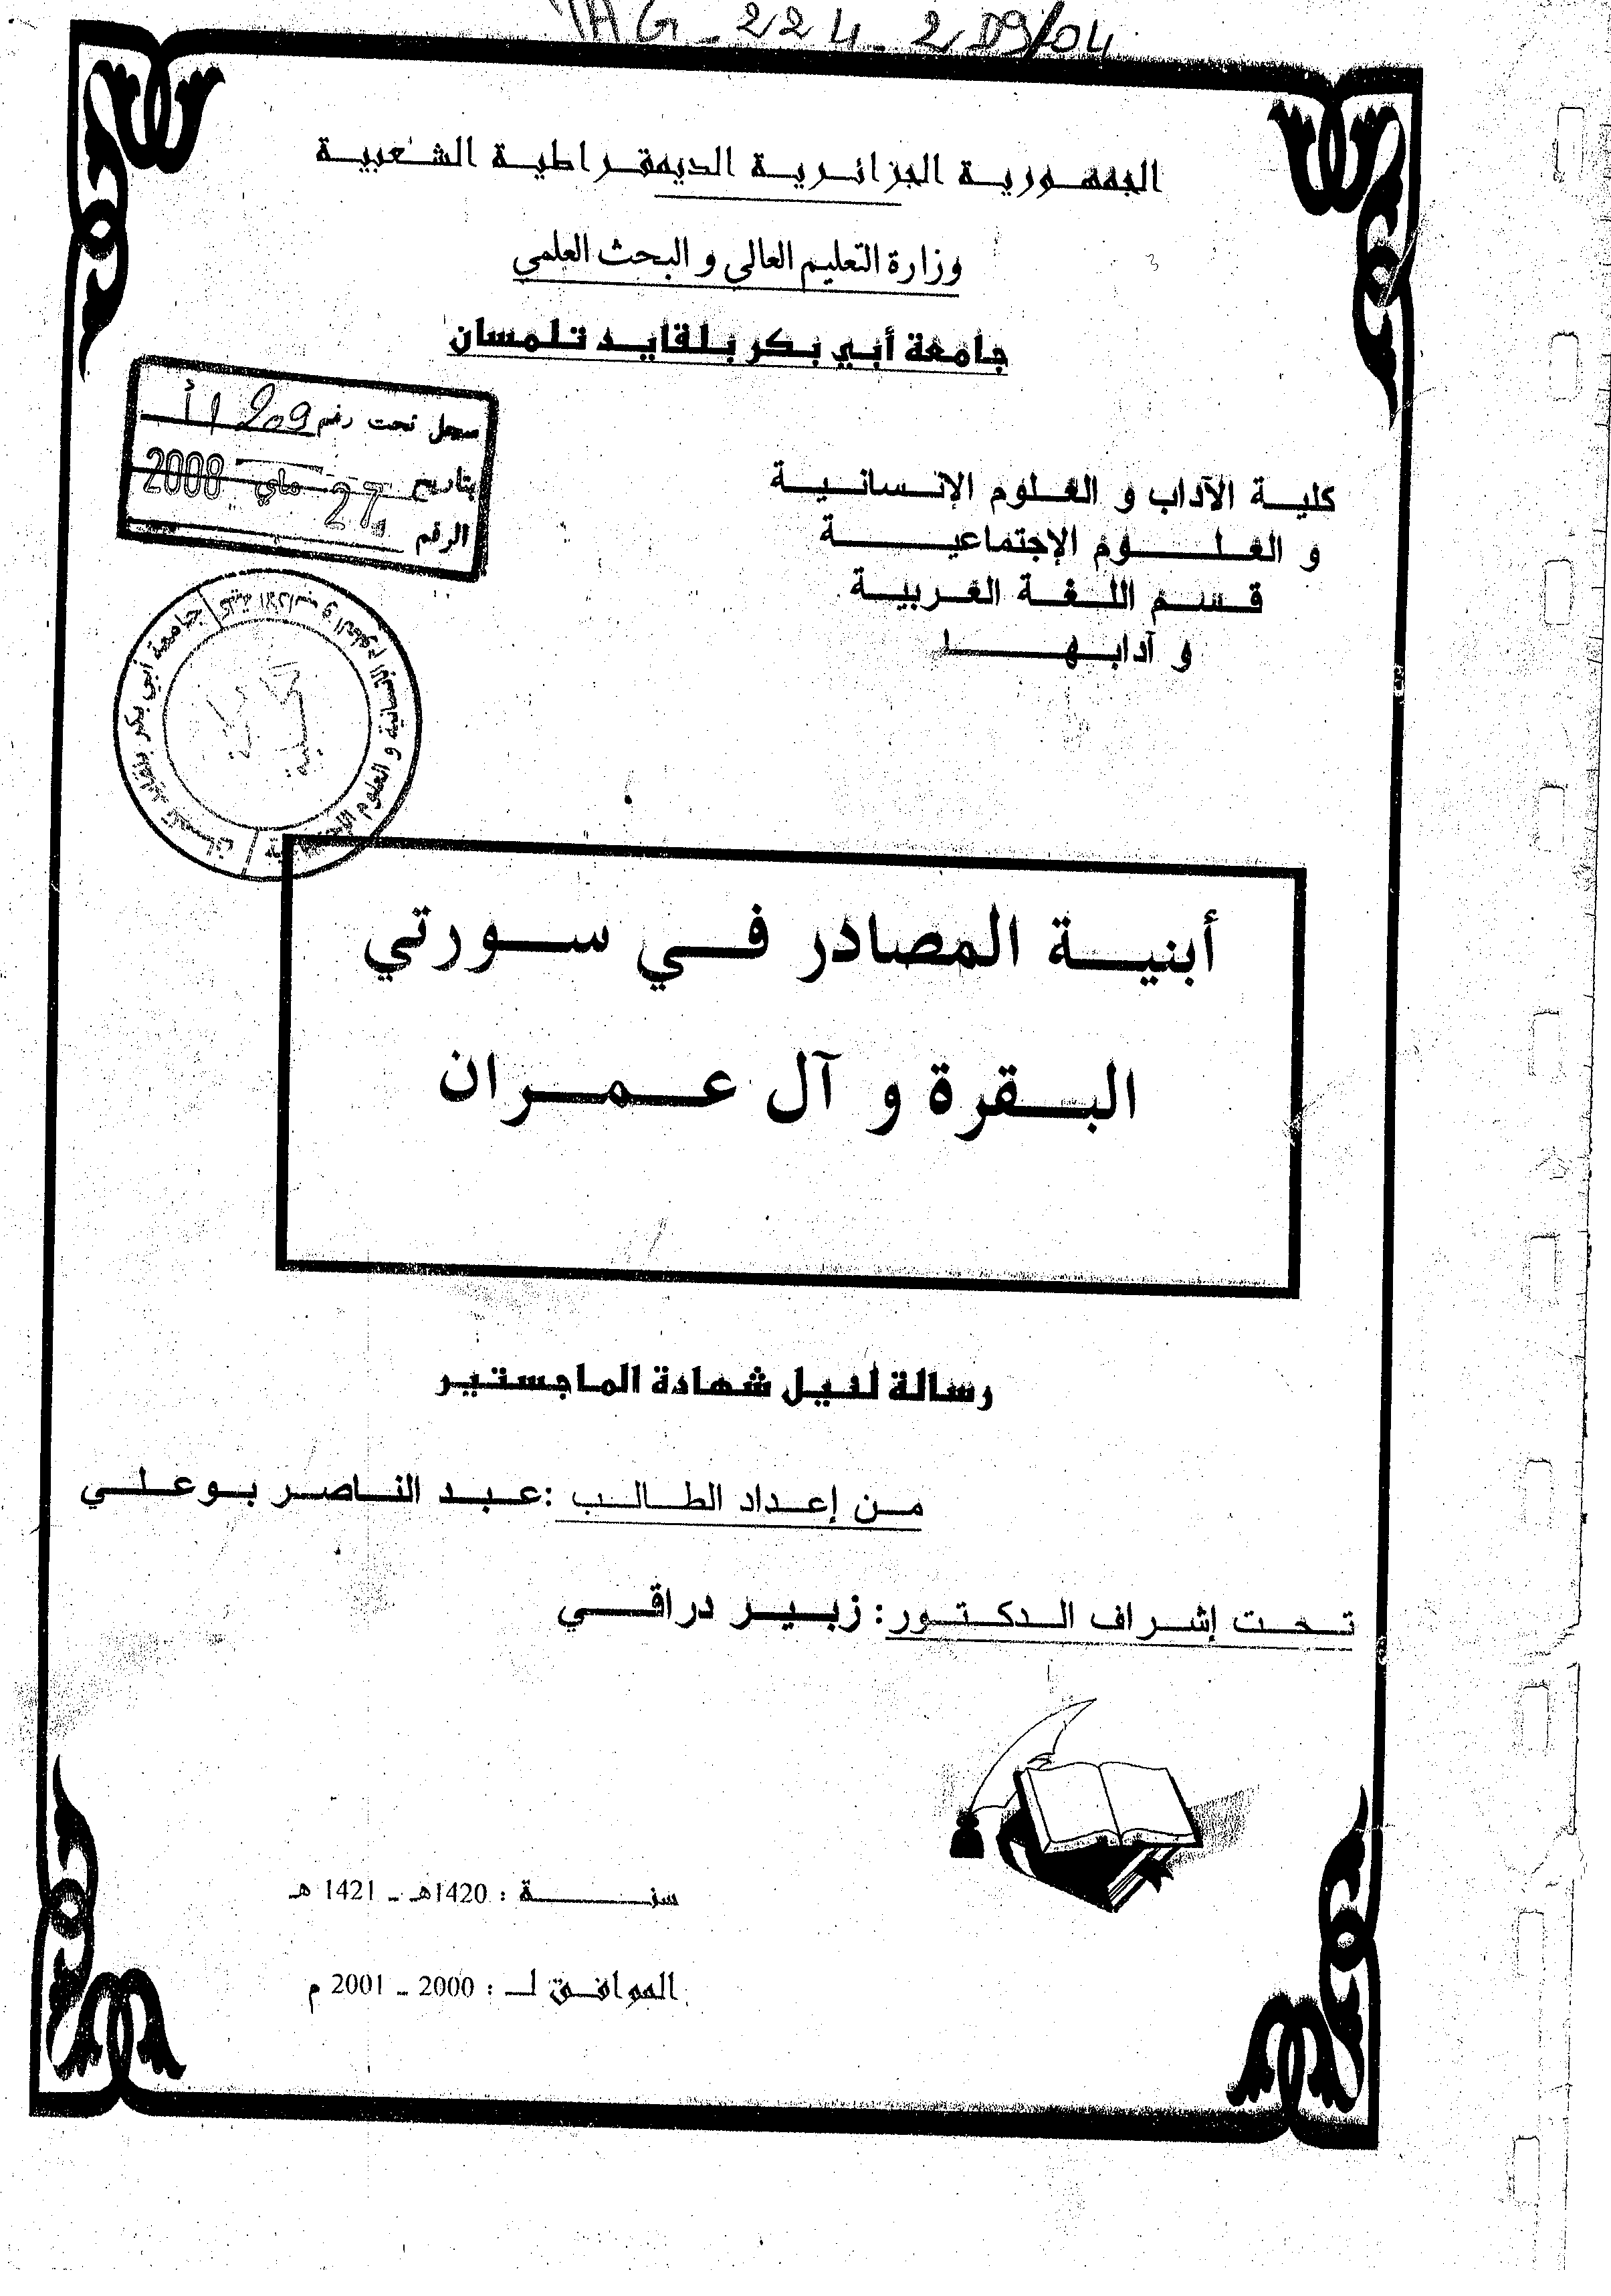 تحميل كتاب أبنية المصادر في سورتي البقرة وآل عمران لـِ: عبد الناصر بوعلي